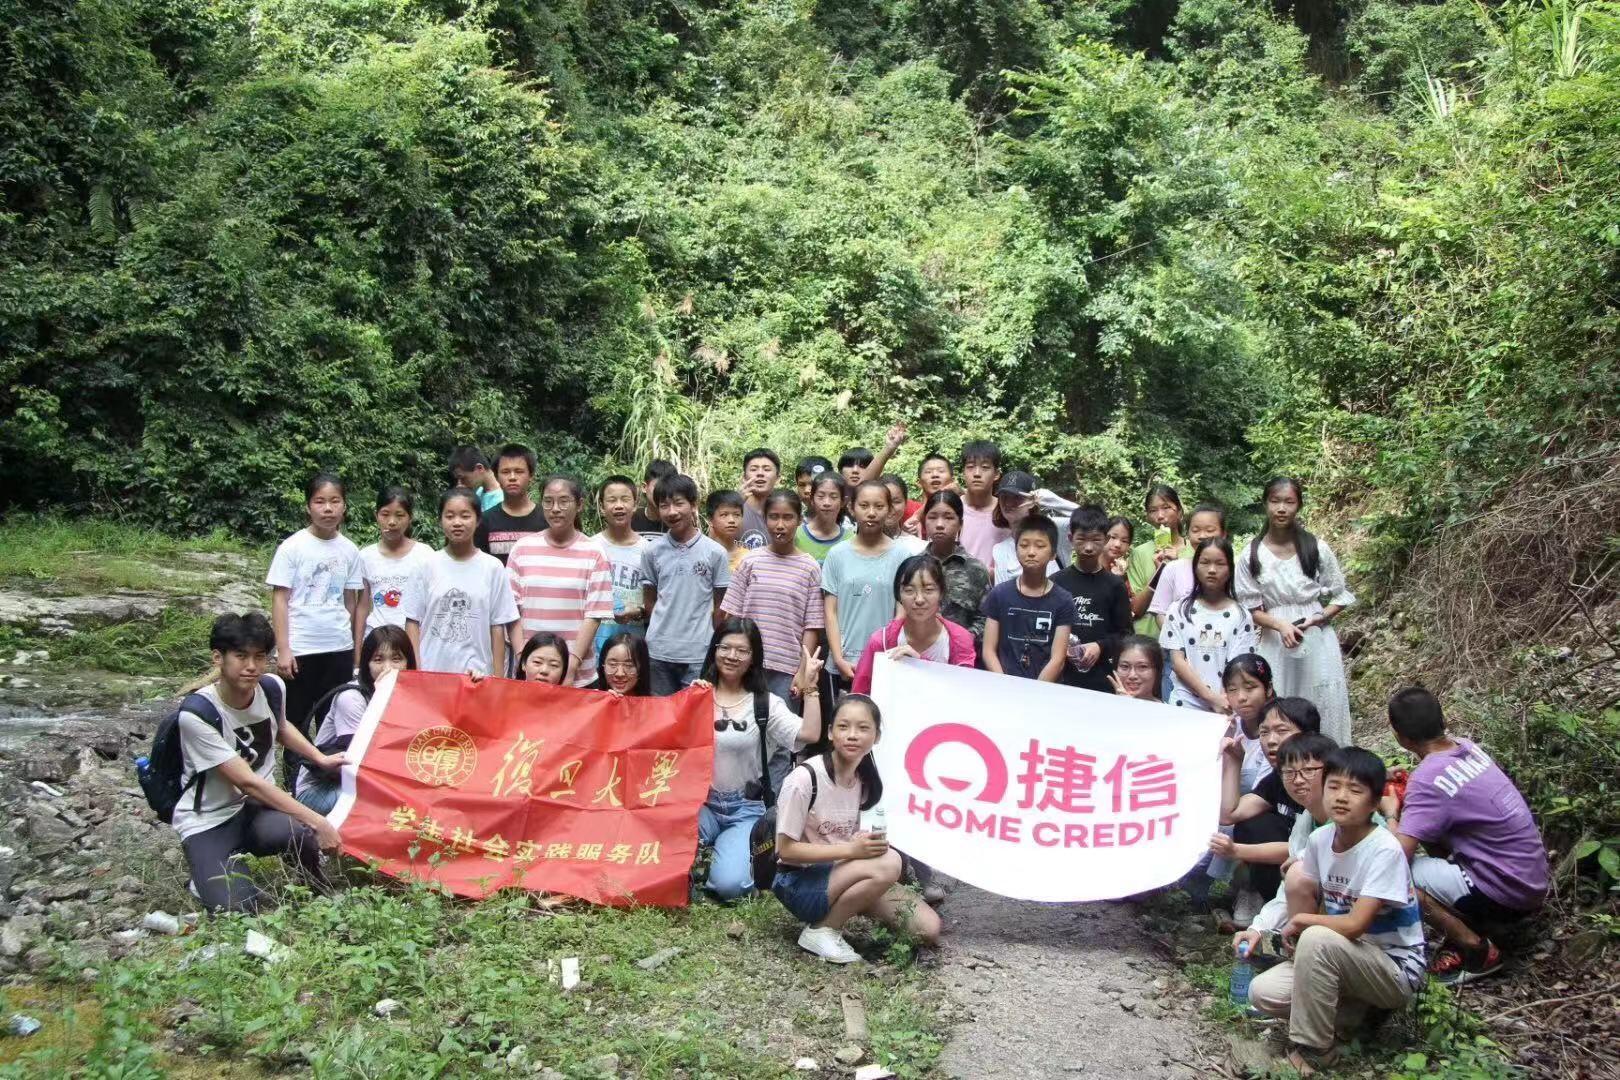 捷信助力复旦山区支教 提升农村青少年金融素养